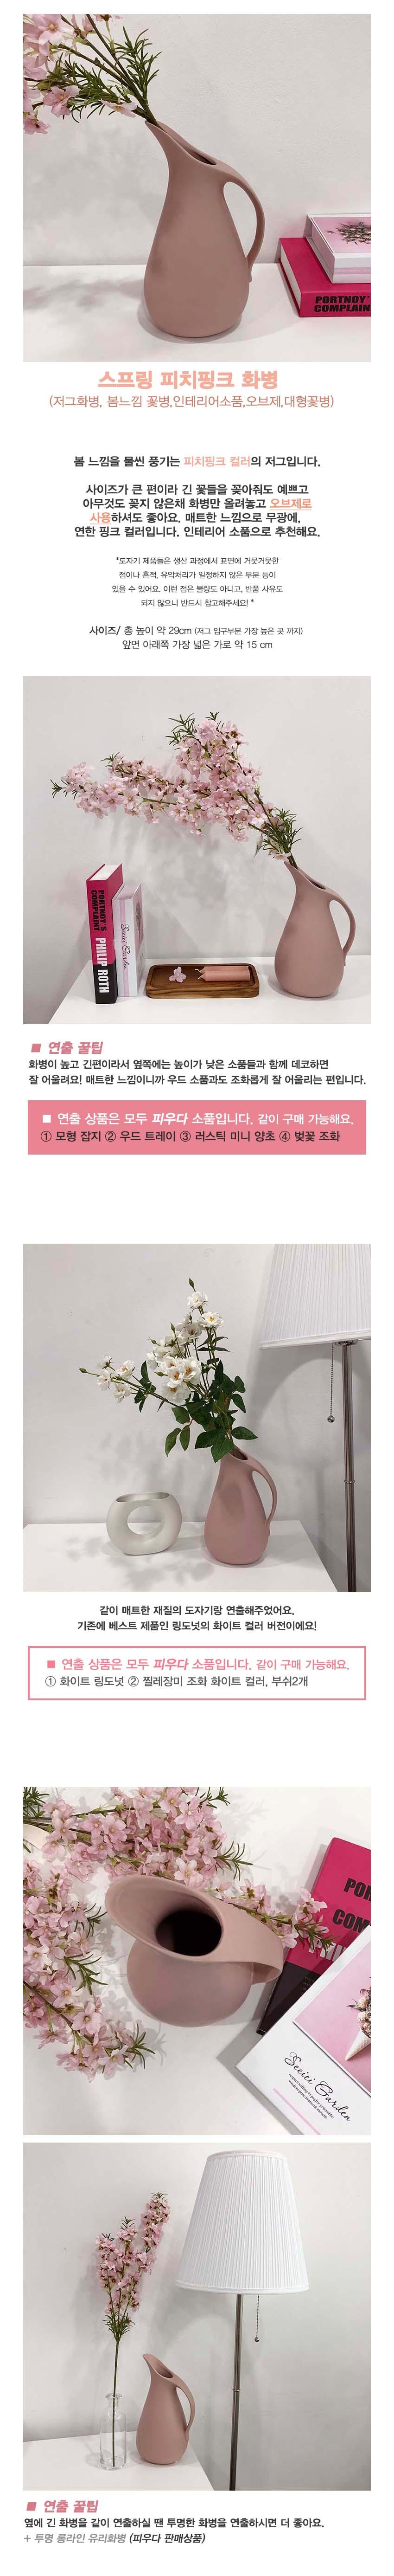 스프링 피치핑크 화병 - 피우다, 47,000원, 장식소품, 도자기류